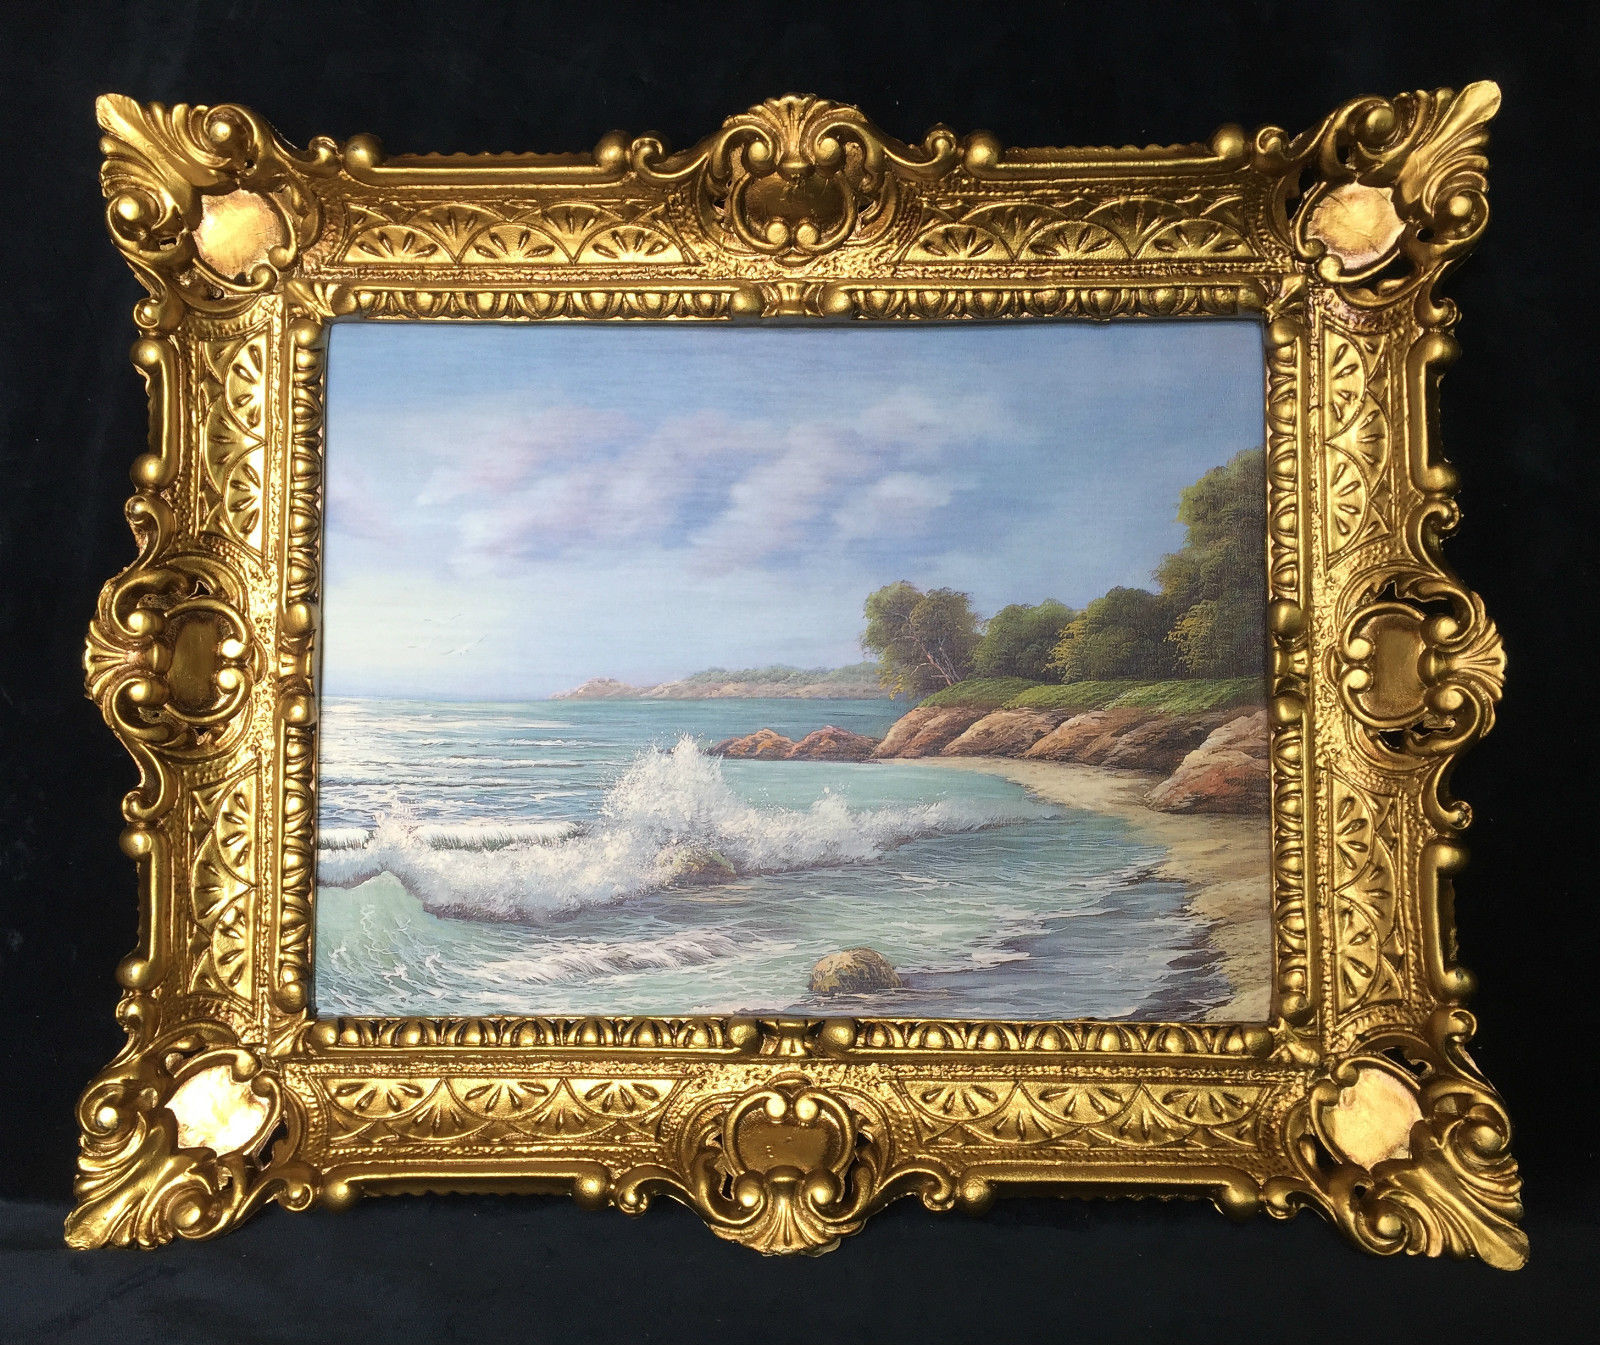 bild landschaft see meer kunstdruck 57x47 wandbild mit rahmen strand wanddeko kaufen bei. Black Bedroom Furniture Sets. Home Design Ideas